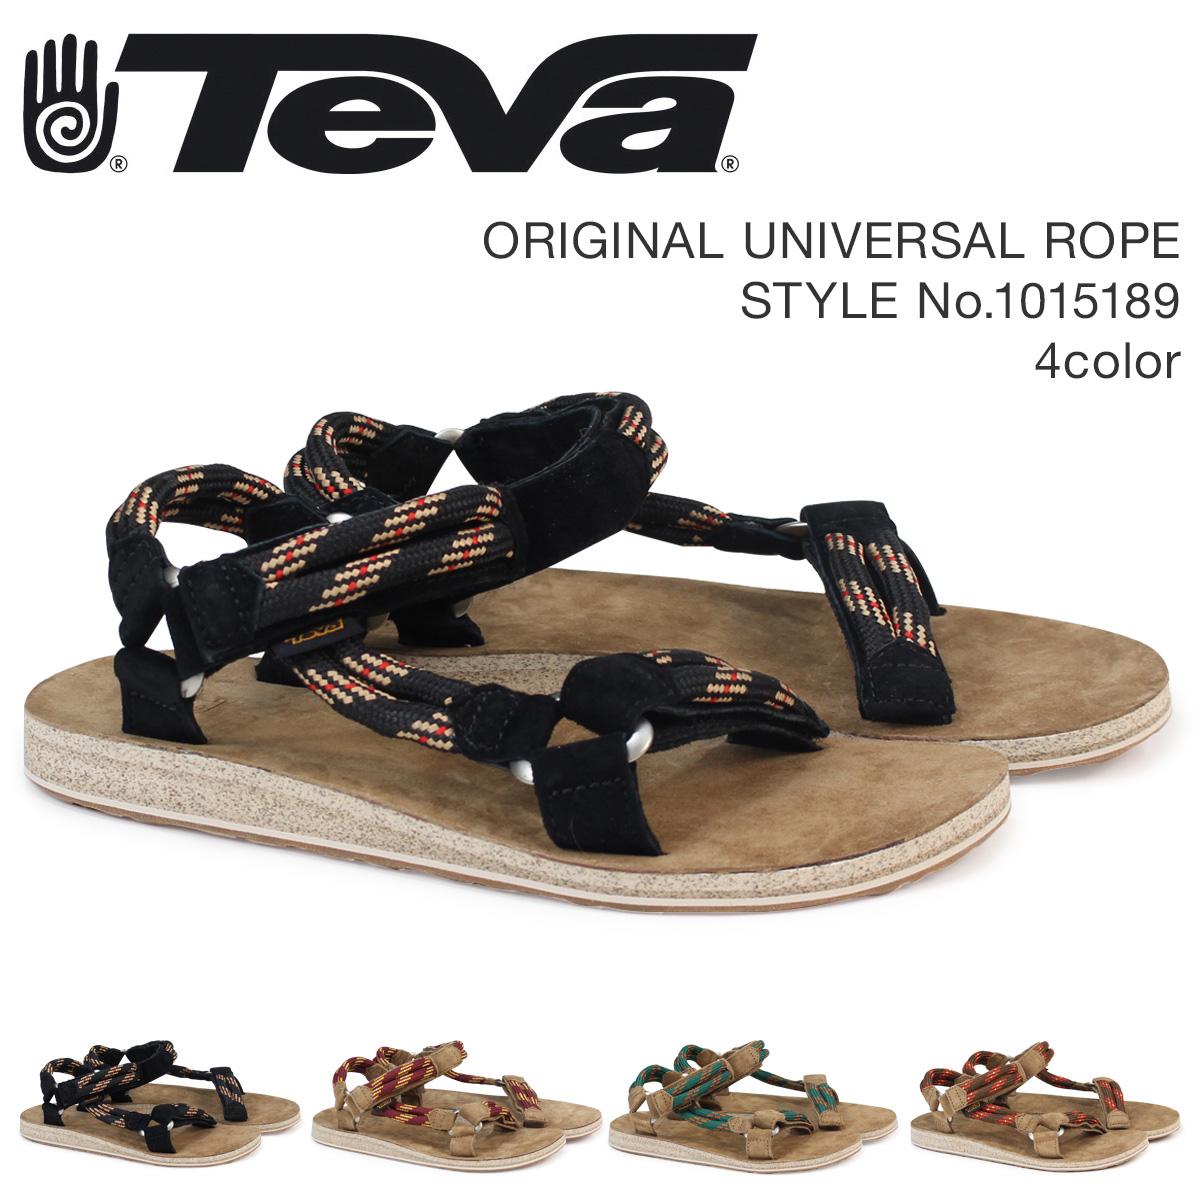 4d4e91dede88d7 ALLSPORTS  Teva Teva sandals men original universal rope ORIGINAL ...